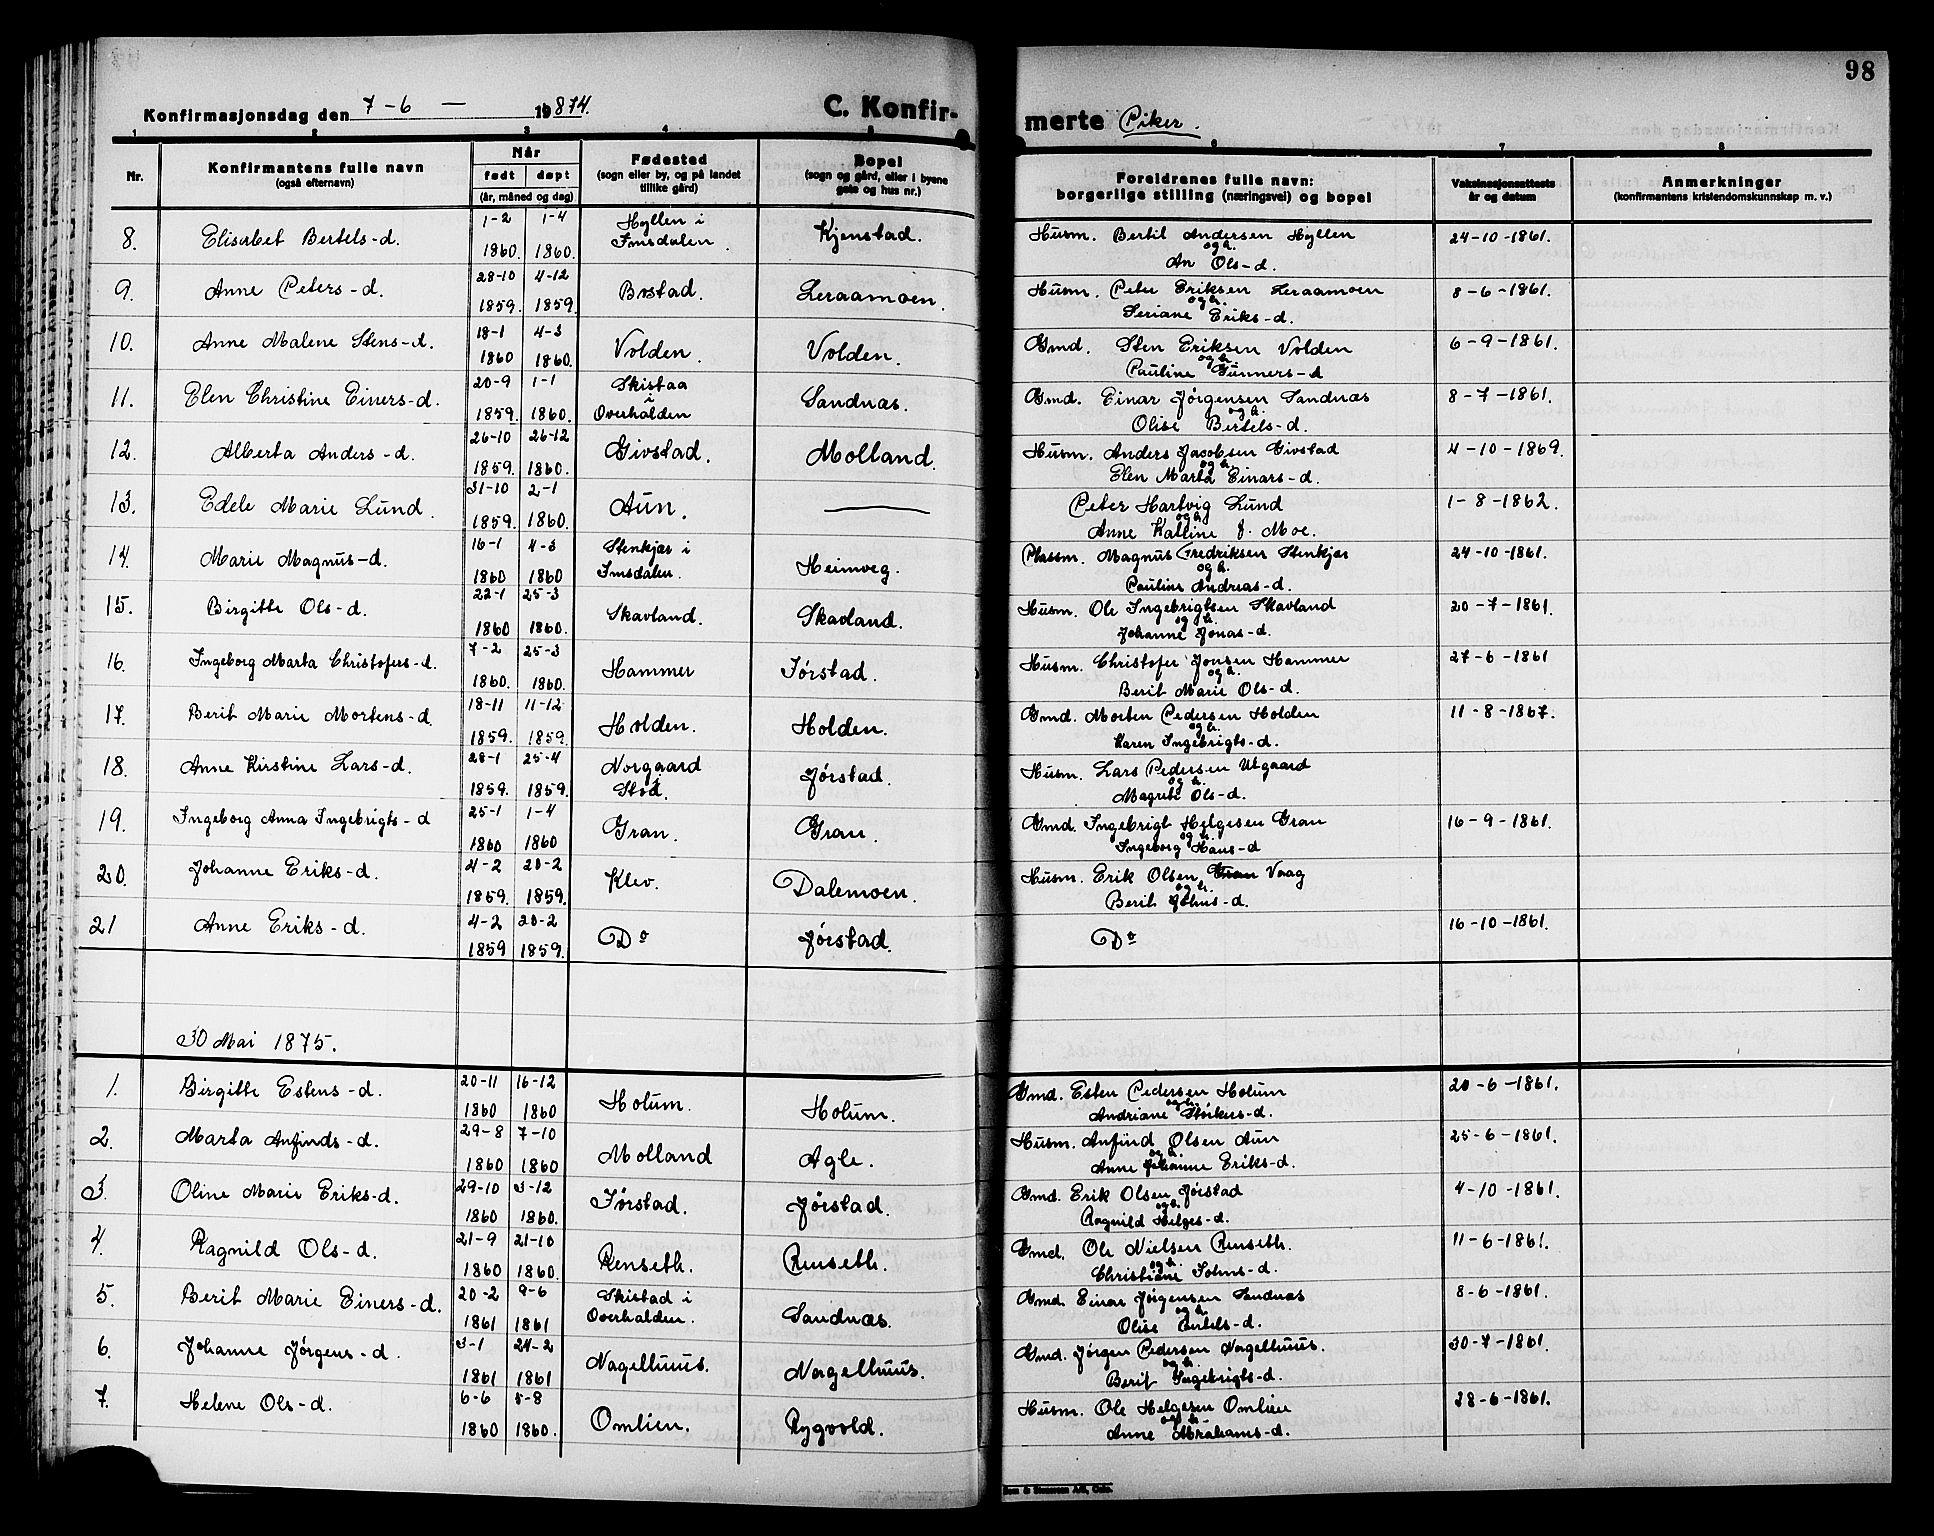 SAT, Ministerialprotokoller, klokkerbøker og fødselsregistre - Nord-Trøndelag, 749/L0486: Ministerialbok nr. 749D02, 1873-1887, s. 98